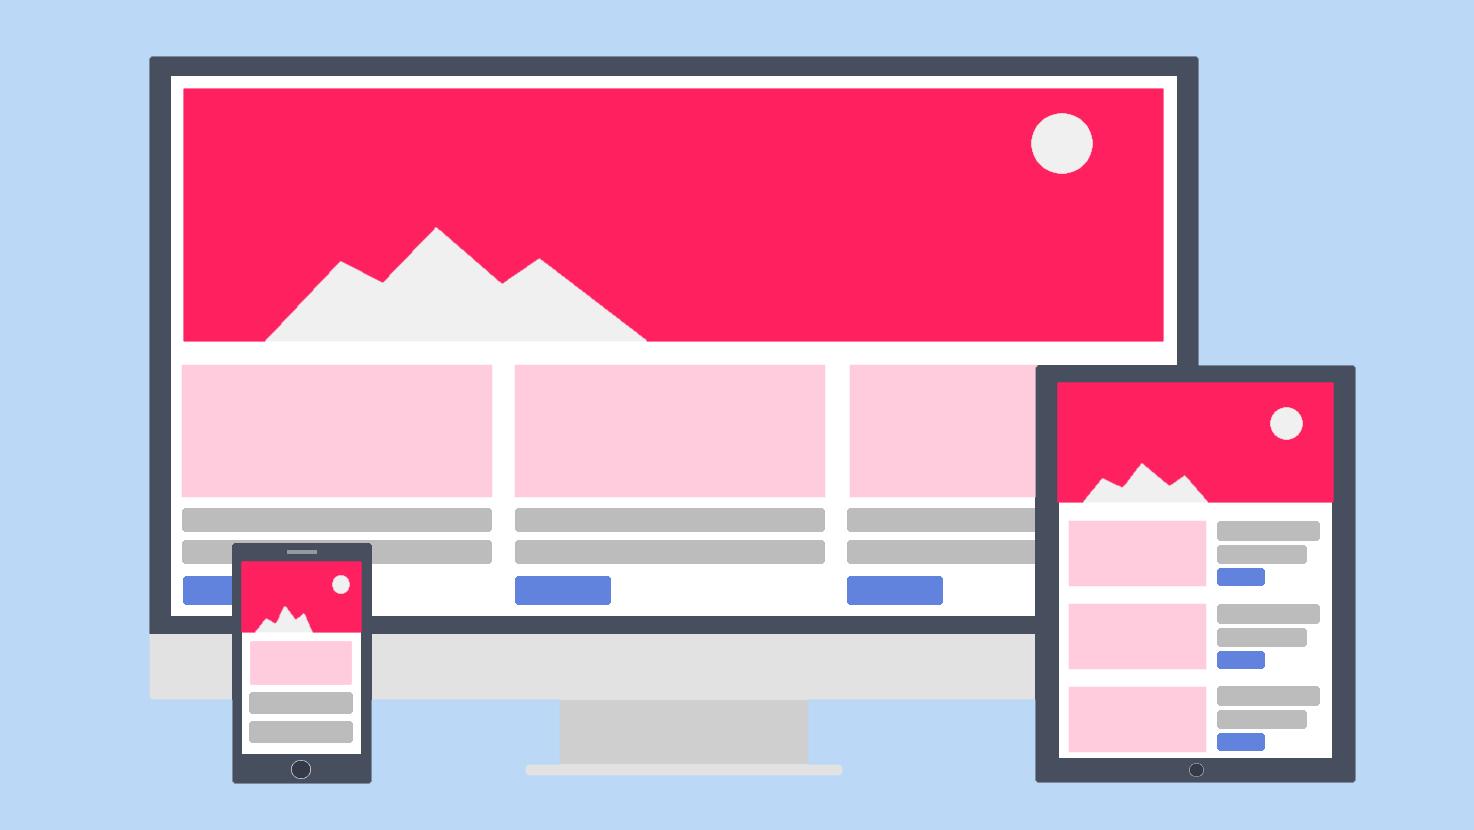 レスポンシブウェブデザインのイメージ画像